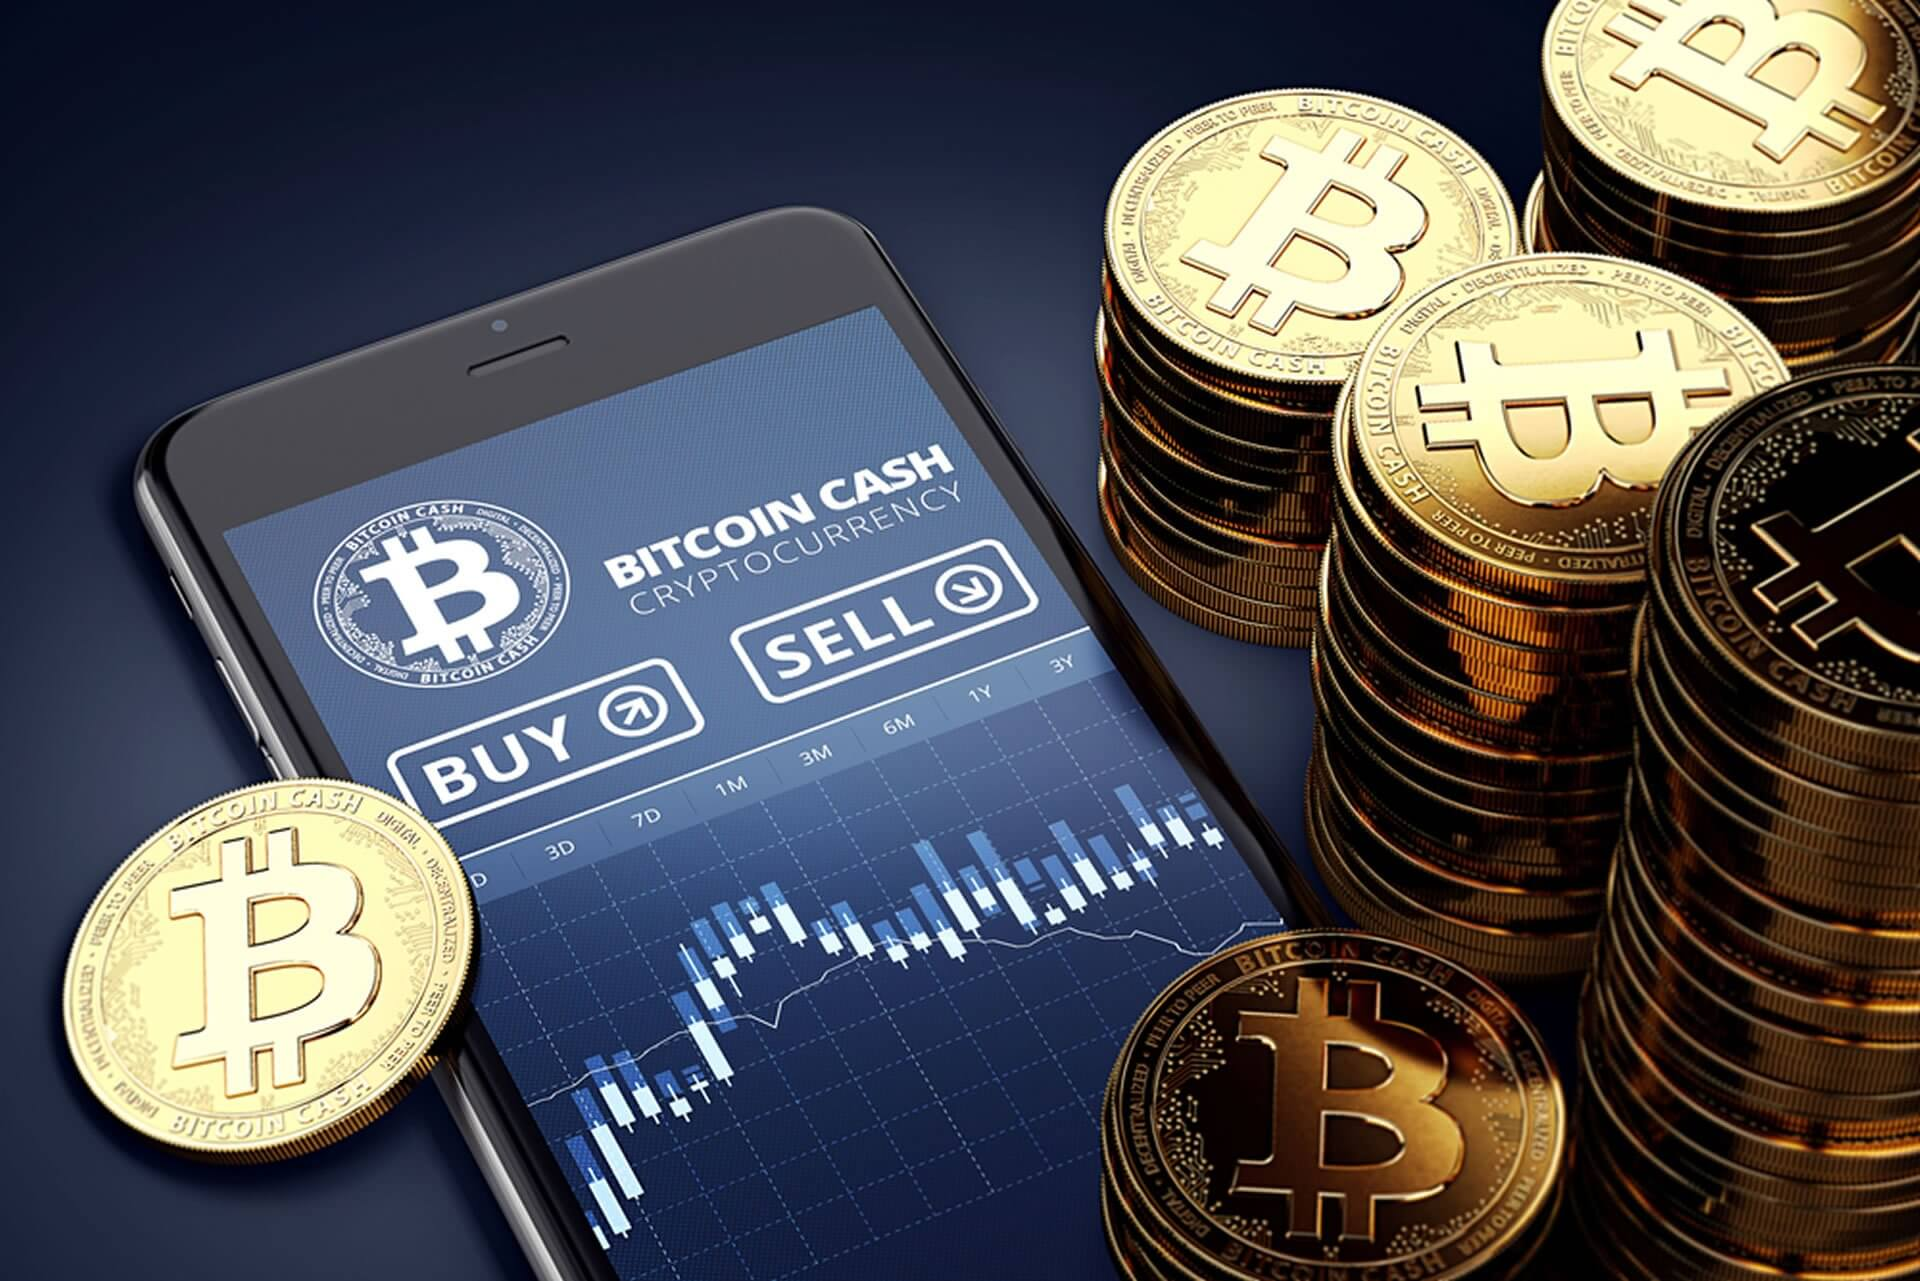 Bitcoin Hesabı Nasıl Açılır? Bitcoin Cüzdanı Nasıl Oluşturulur? 1 - Bitcoin Hesabı Açma 1